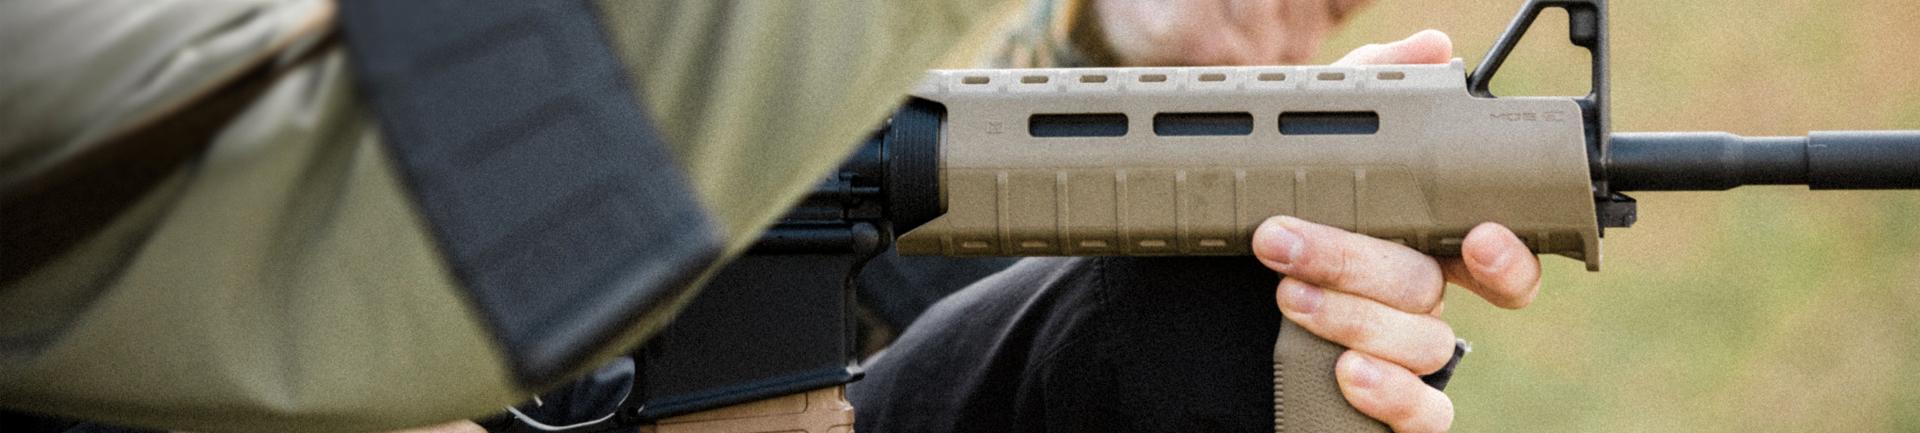 AR15 / M4 / M16 / AR10